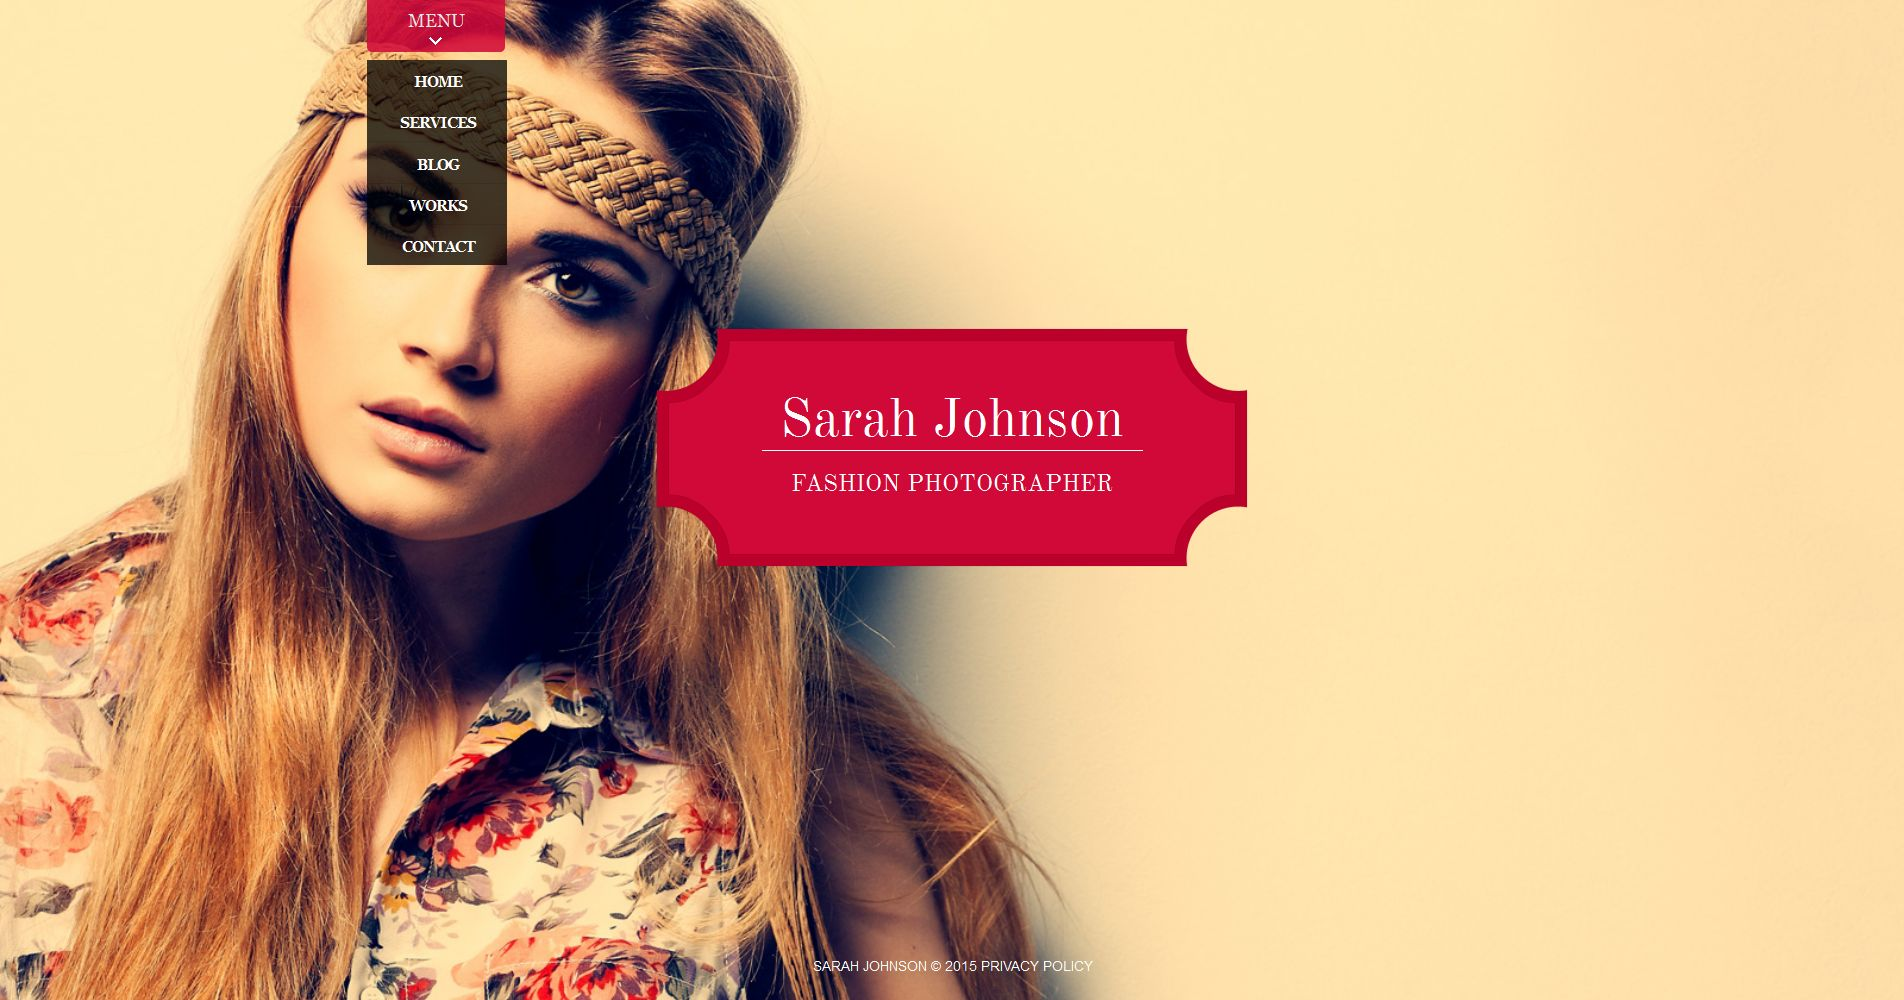 Template de Galeria de Fotos para Sites de Portfólio de Fotografo №54921